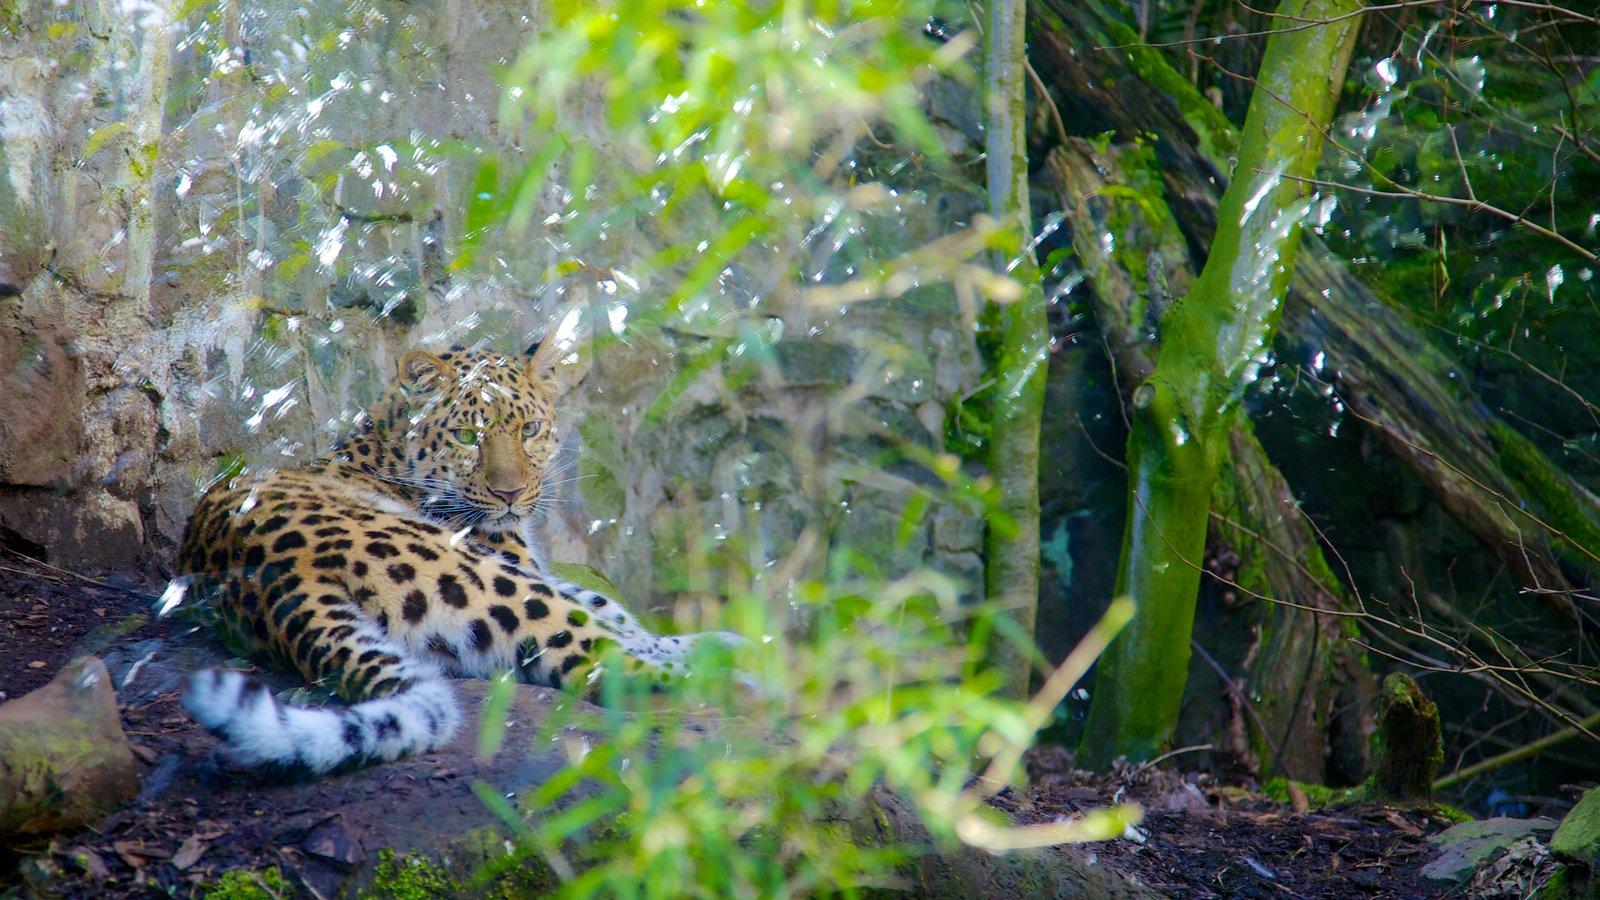 Zoológico de Edimburgo mostrando animales peligrosos, aventuras de safari y animales del zoológico